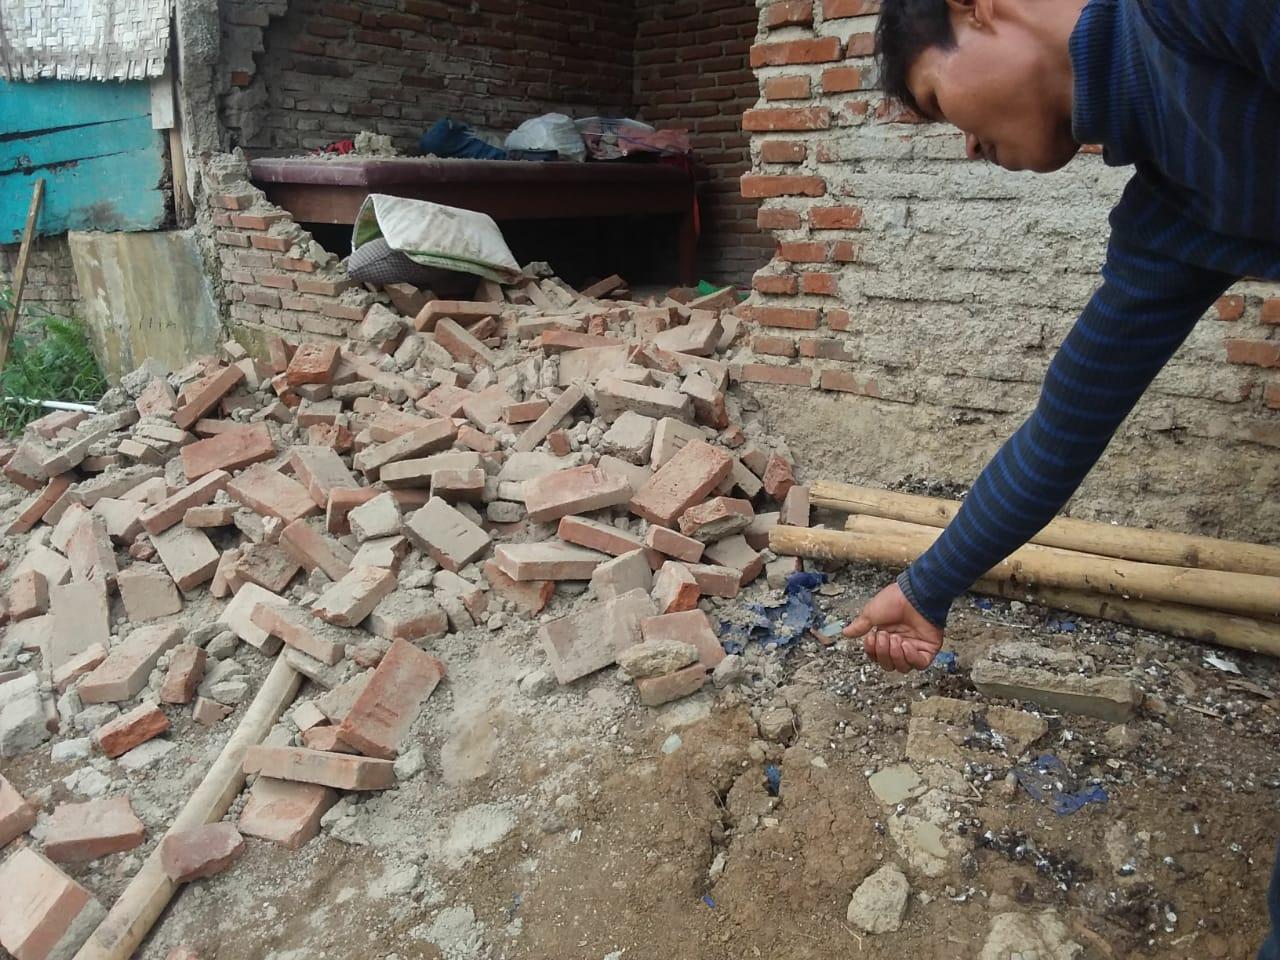 Tembok Rumah Ambruk Banjar, Diduga Akibat Pergeseran Tanah